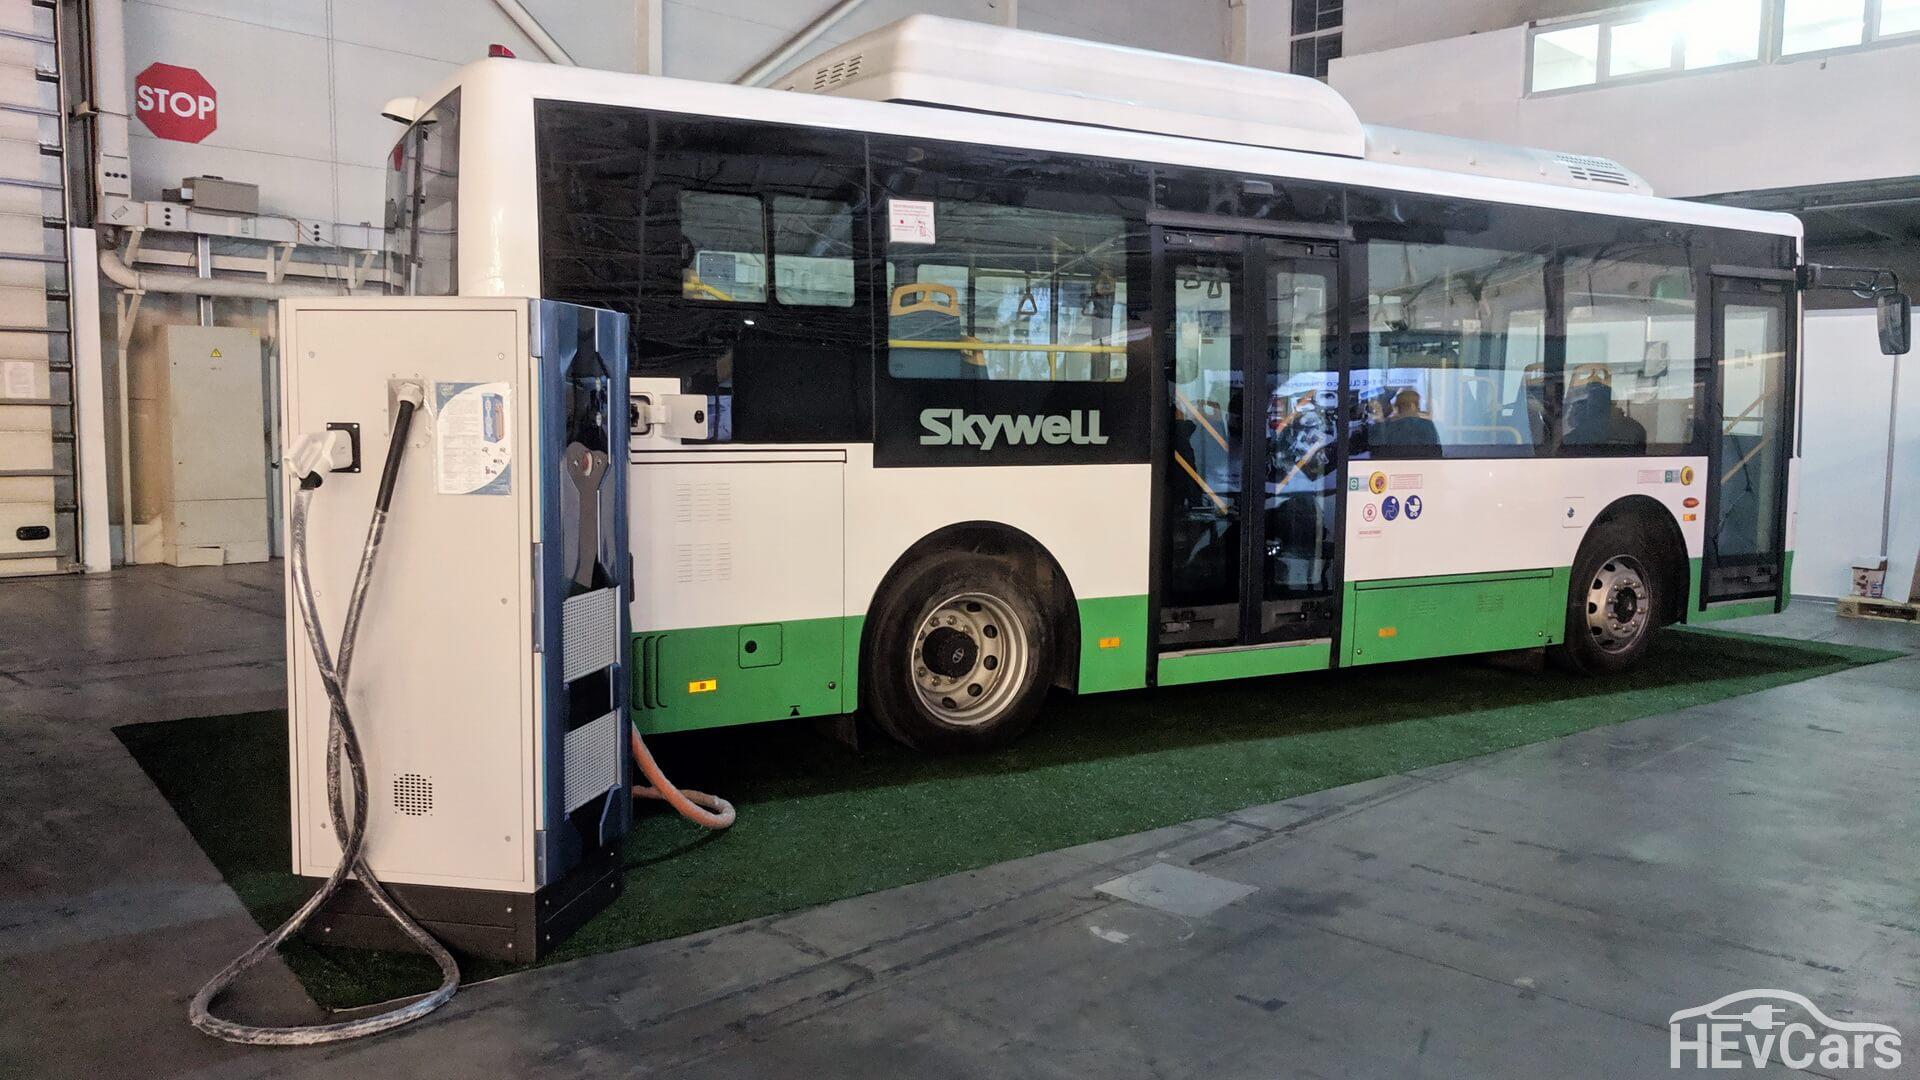 8,5 метровый электроавтобус Skywell на выставке электротранспорта в МВЦ